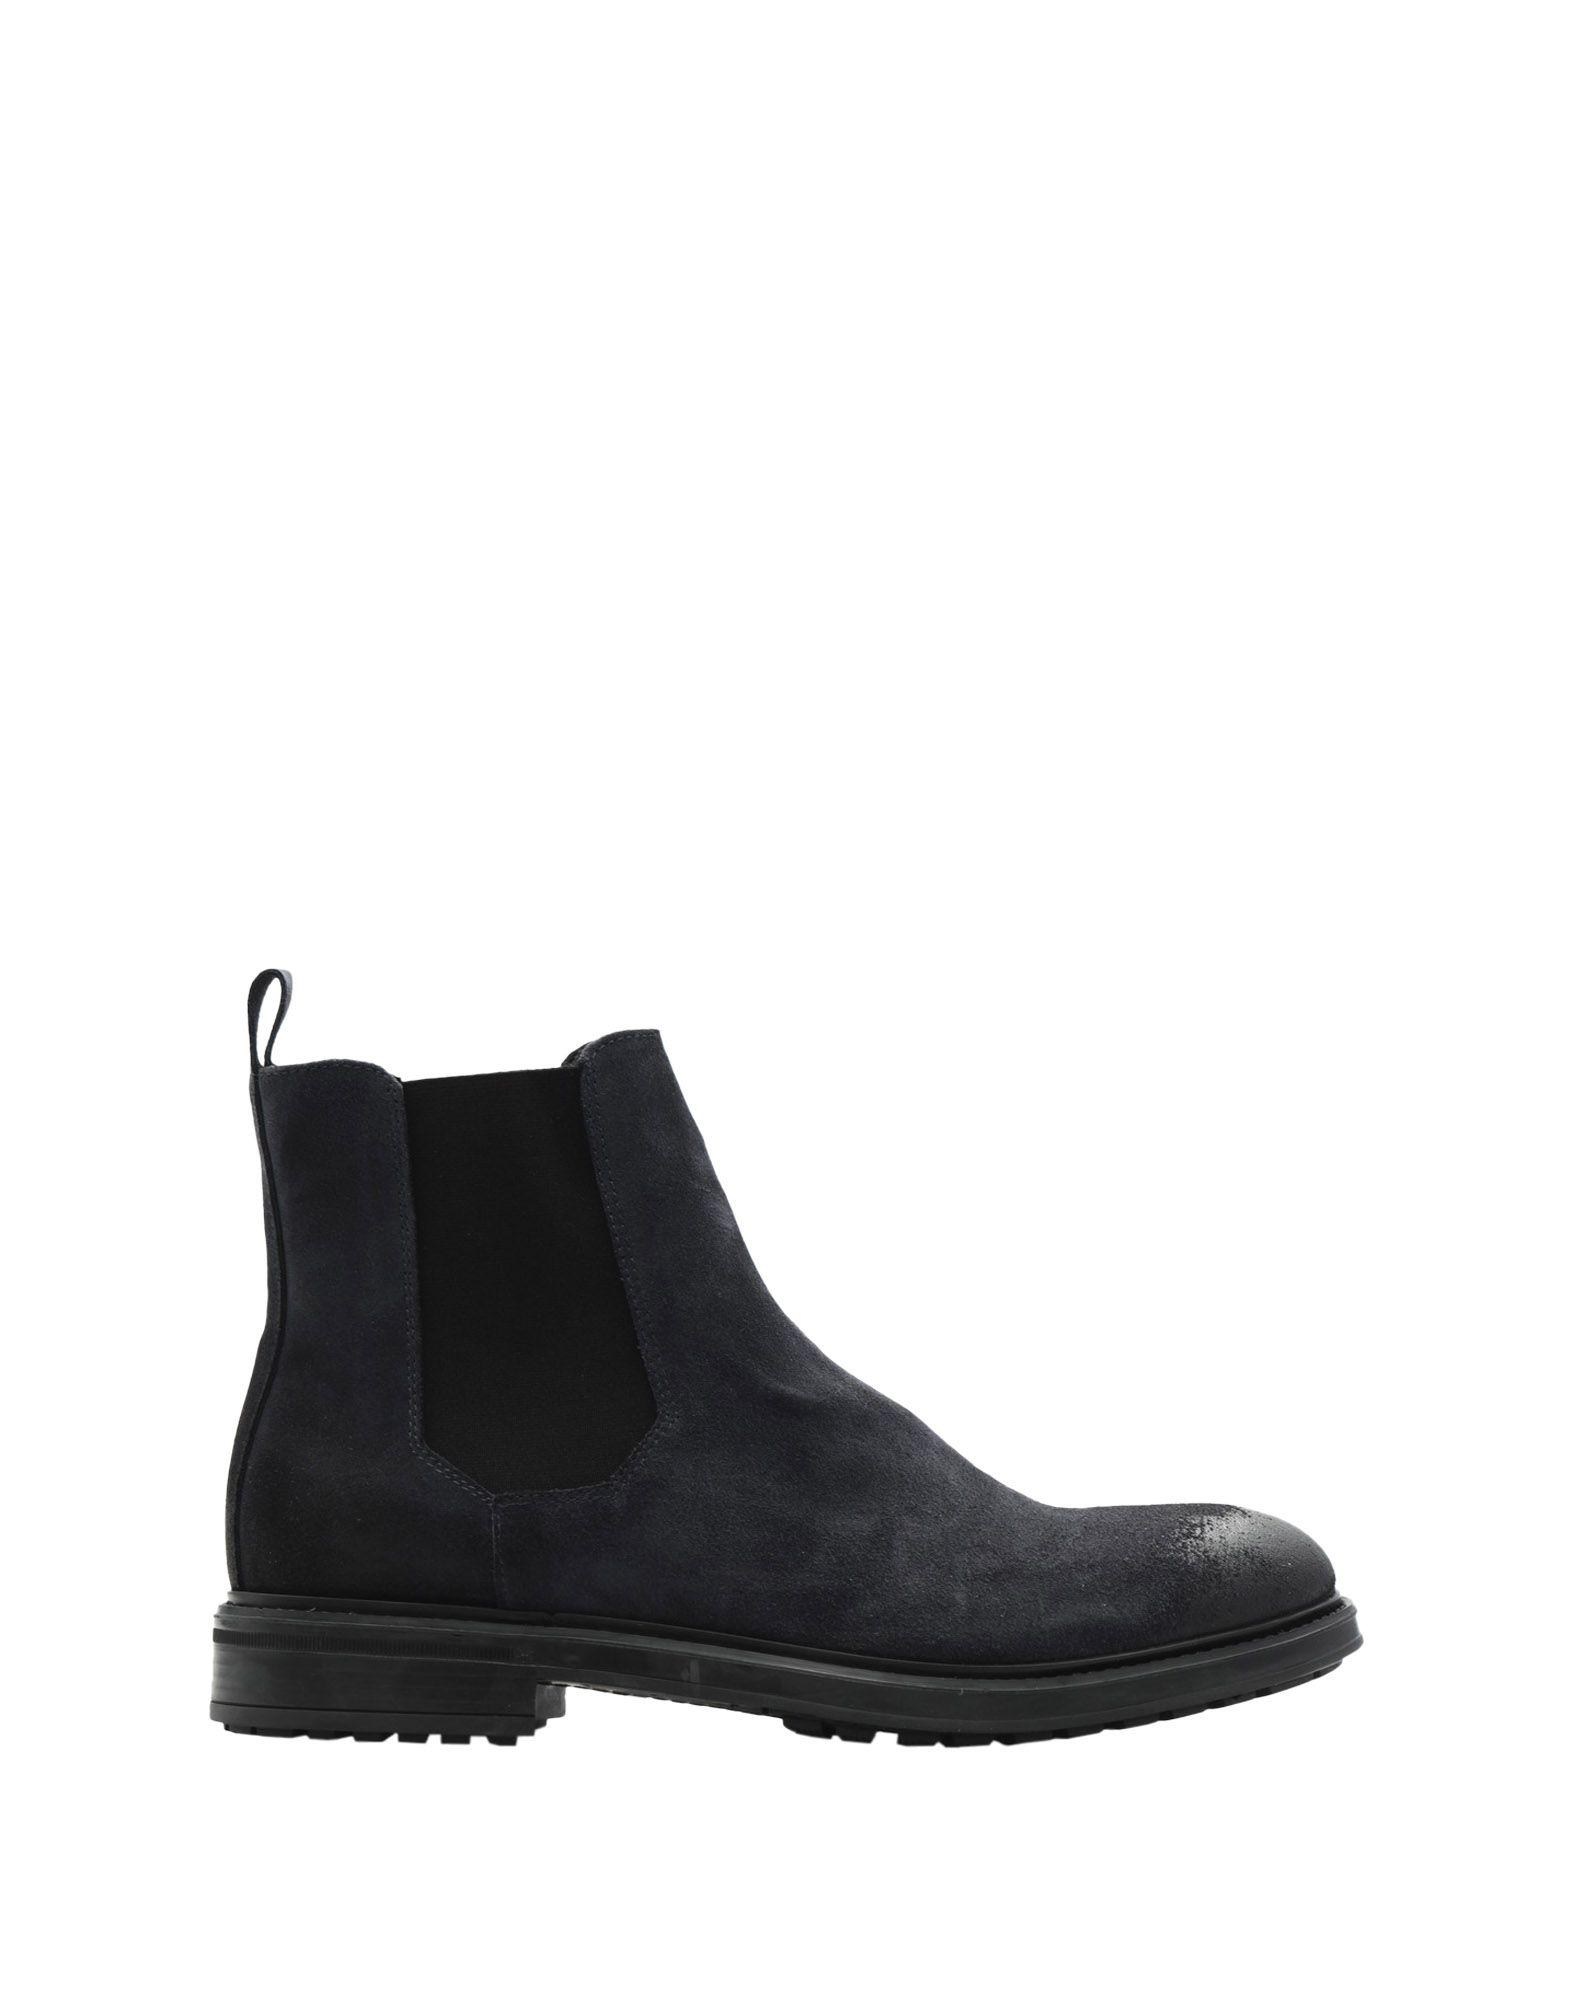 Eveet Stiefelette Herren  11524624RE Gute Qualität beliebte Schuhe